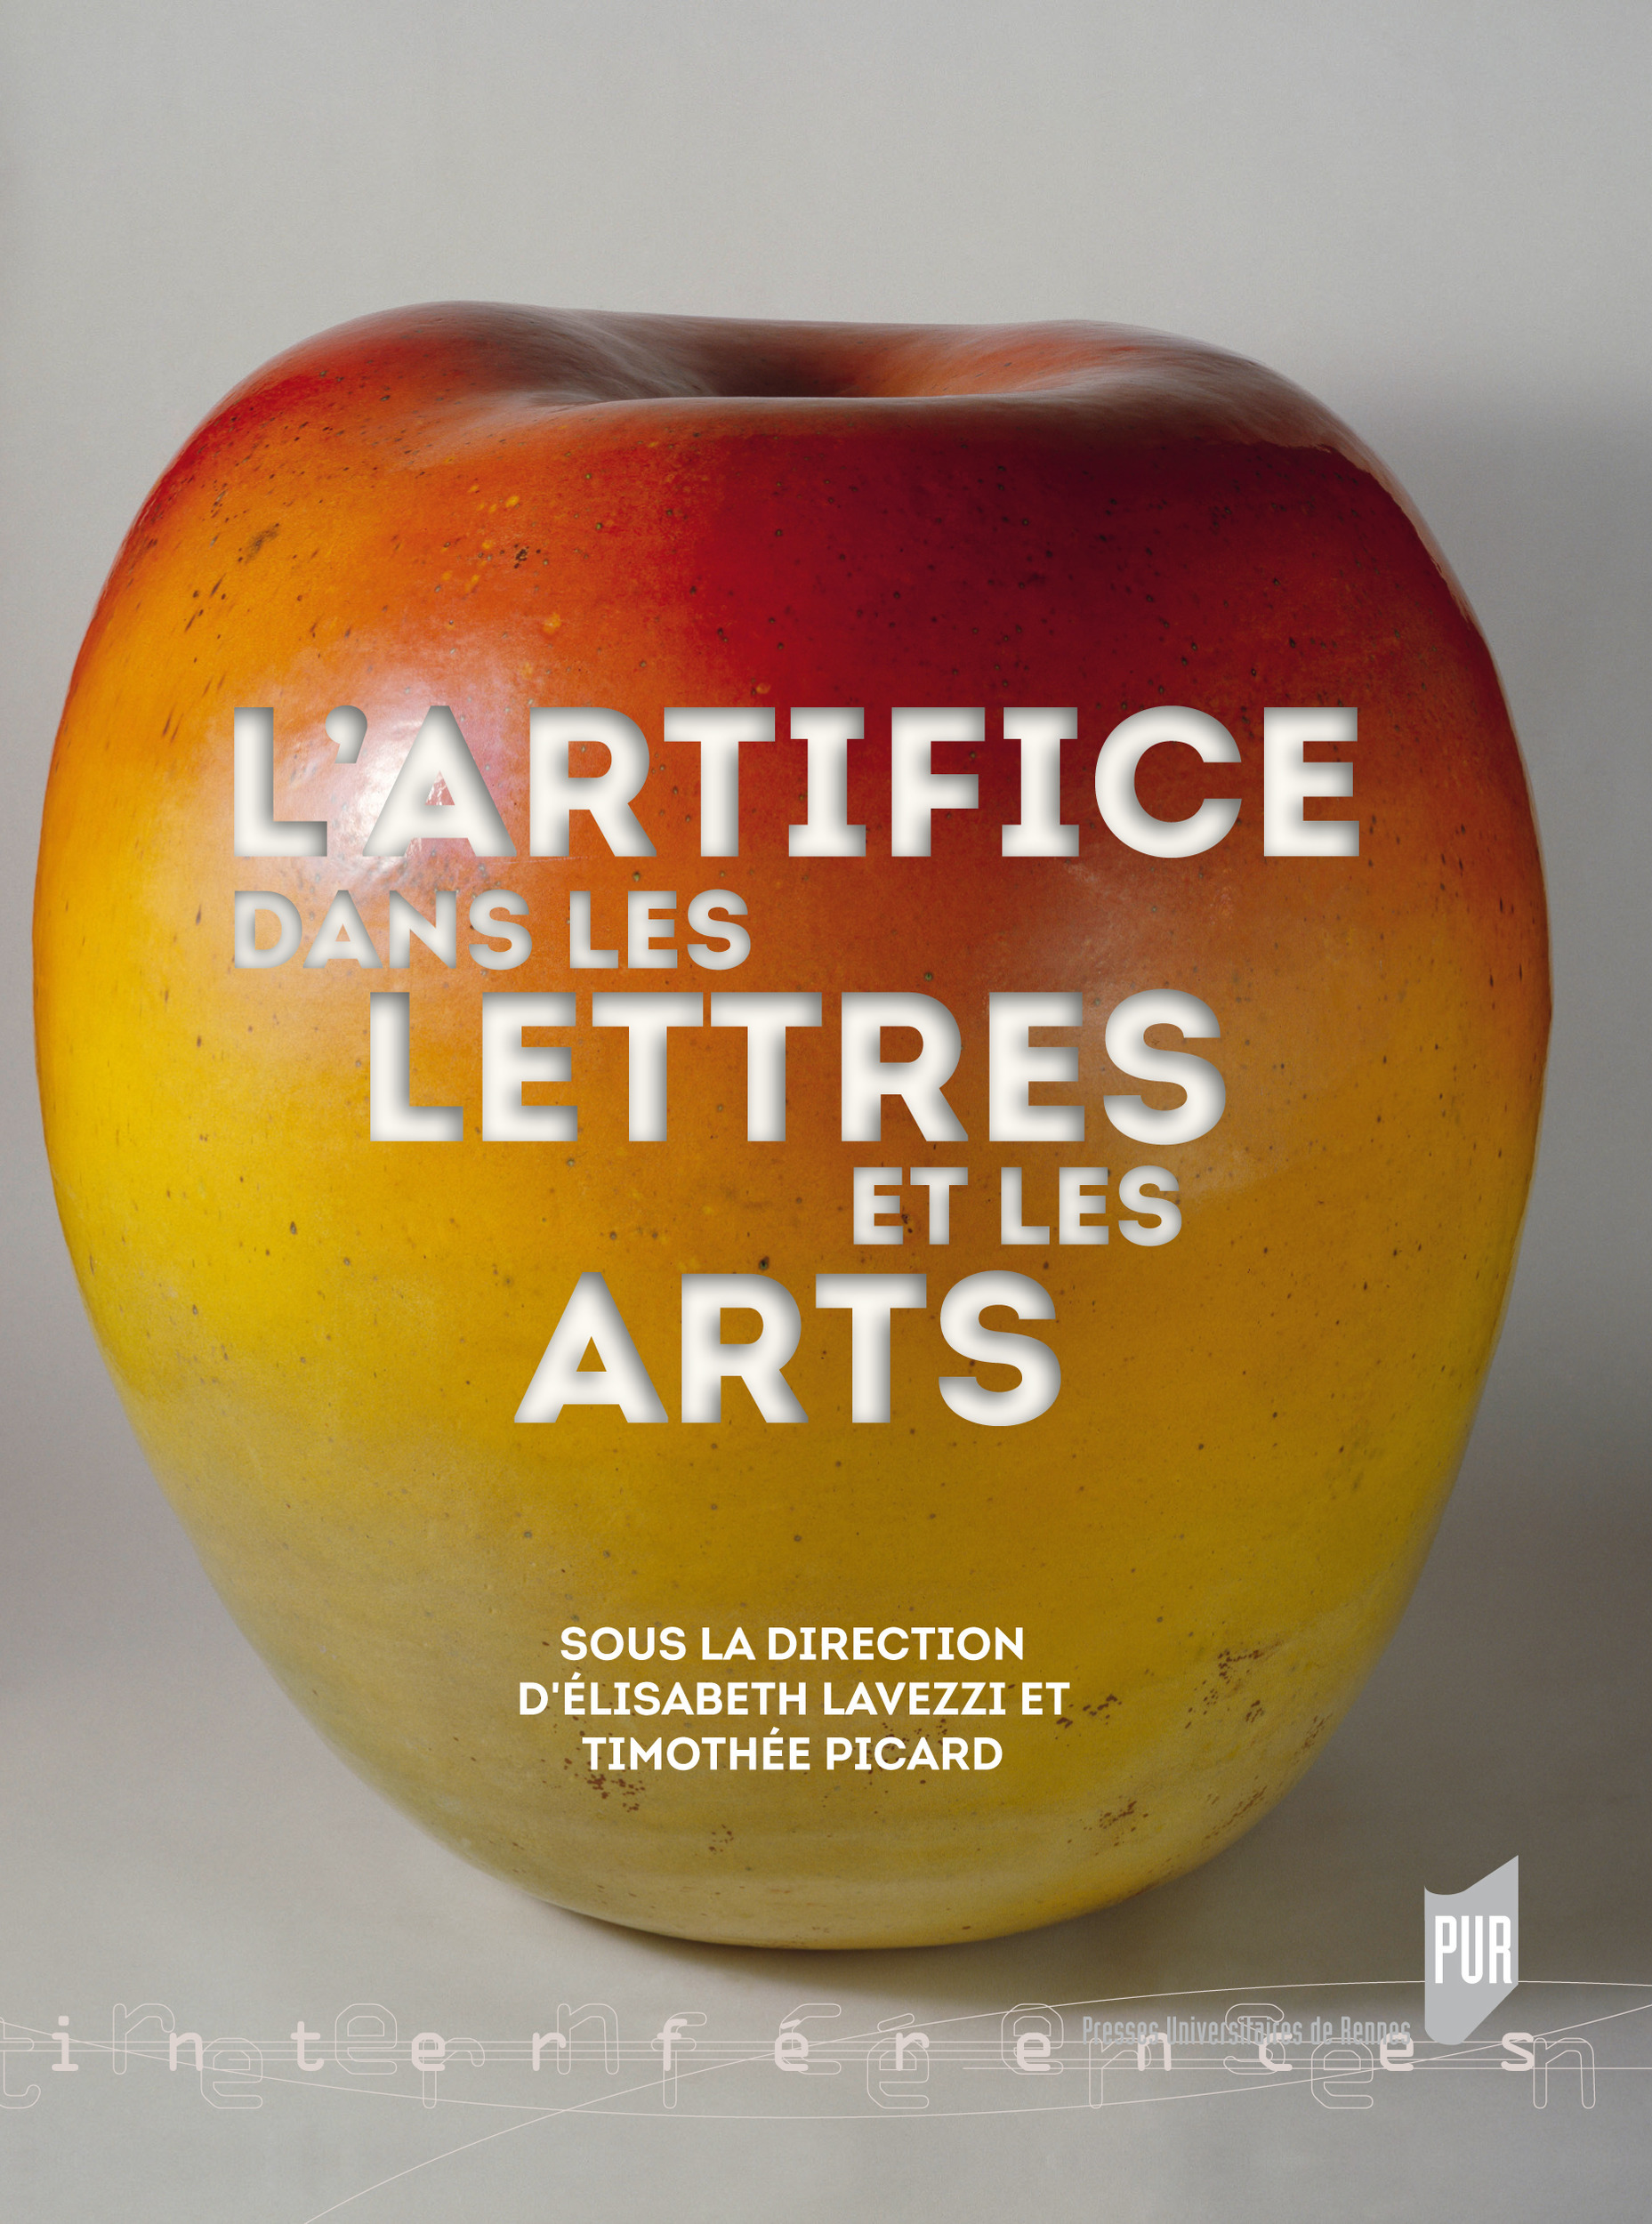 L'artifice dans les lettres et les arts  - Élisabeth Lavezzi  - Timothée Picard